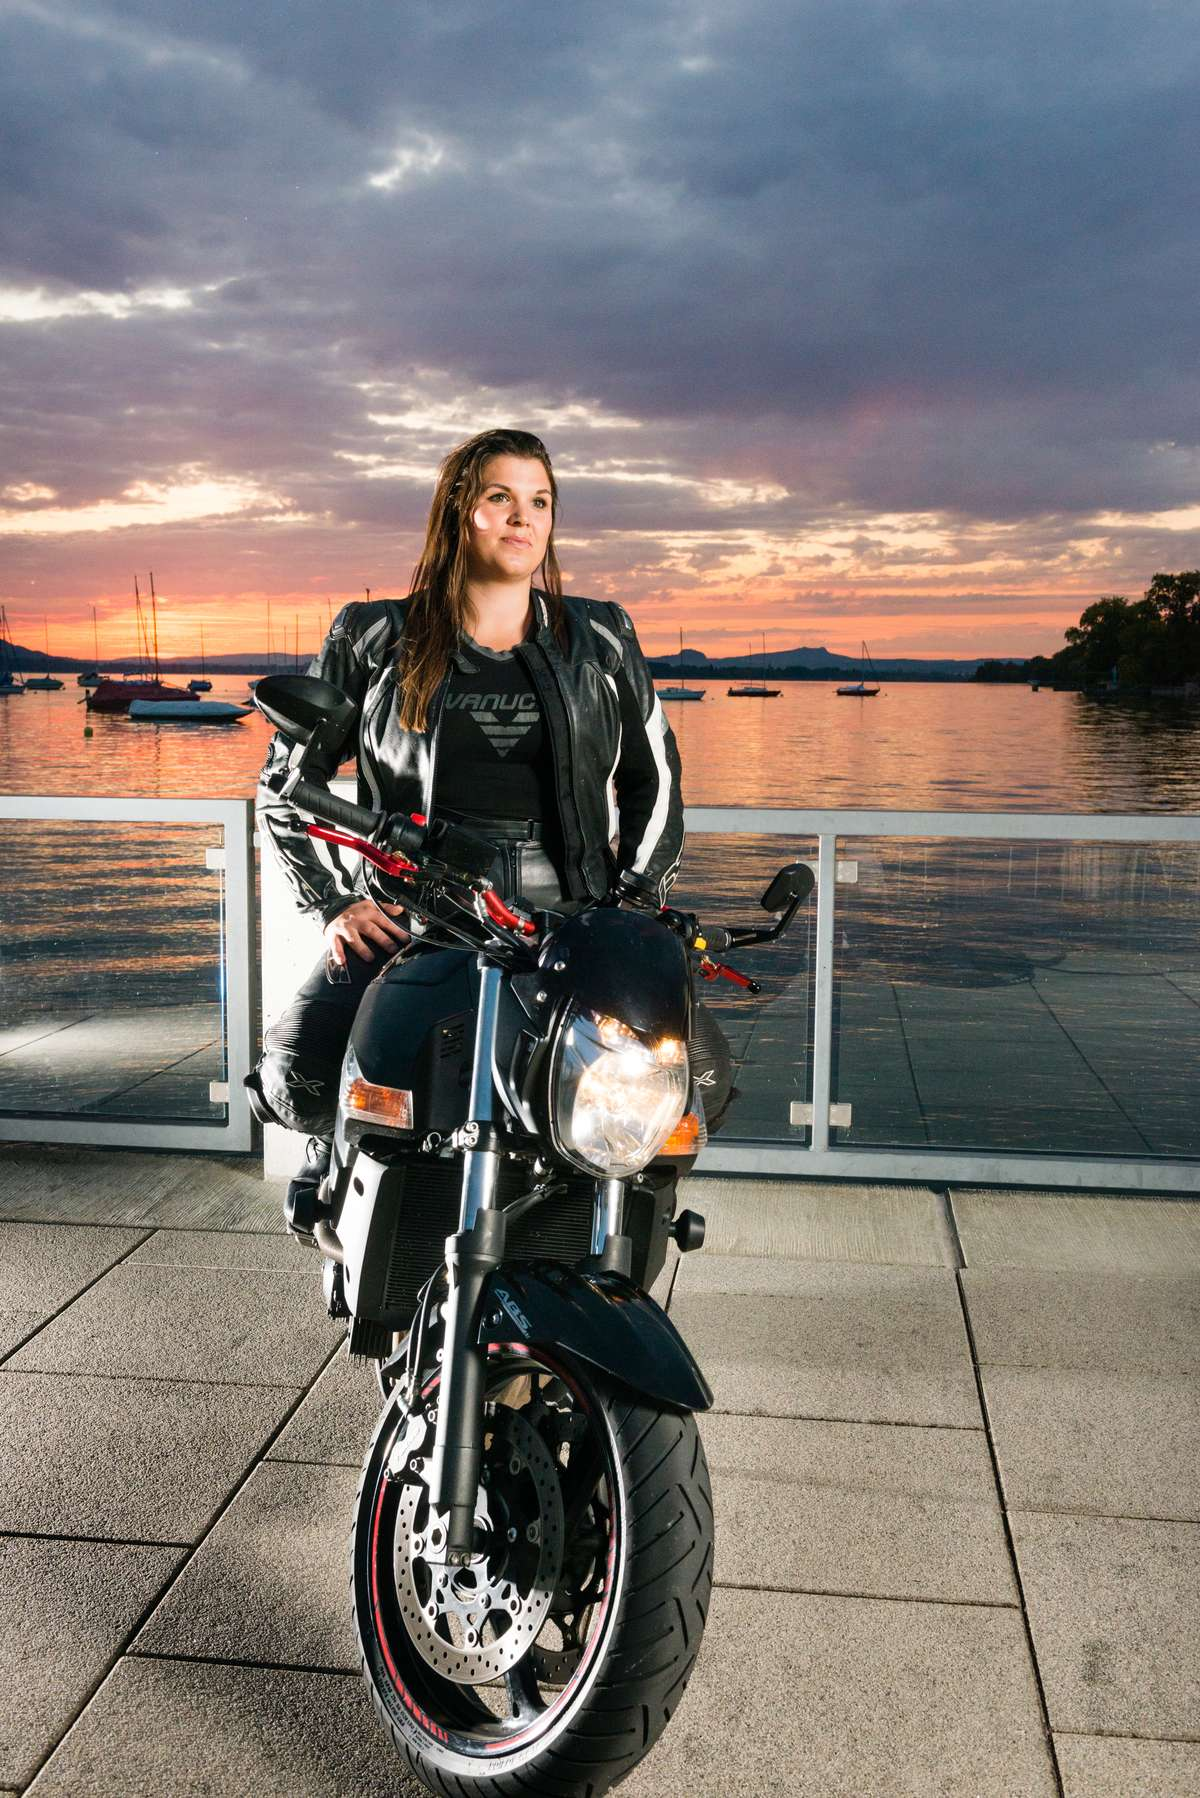 Motorrad frau kennenlernen